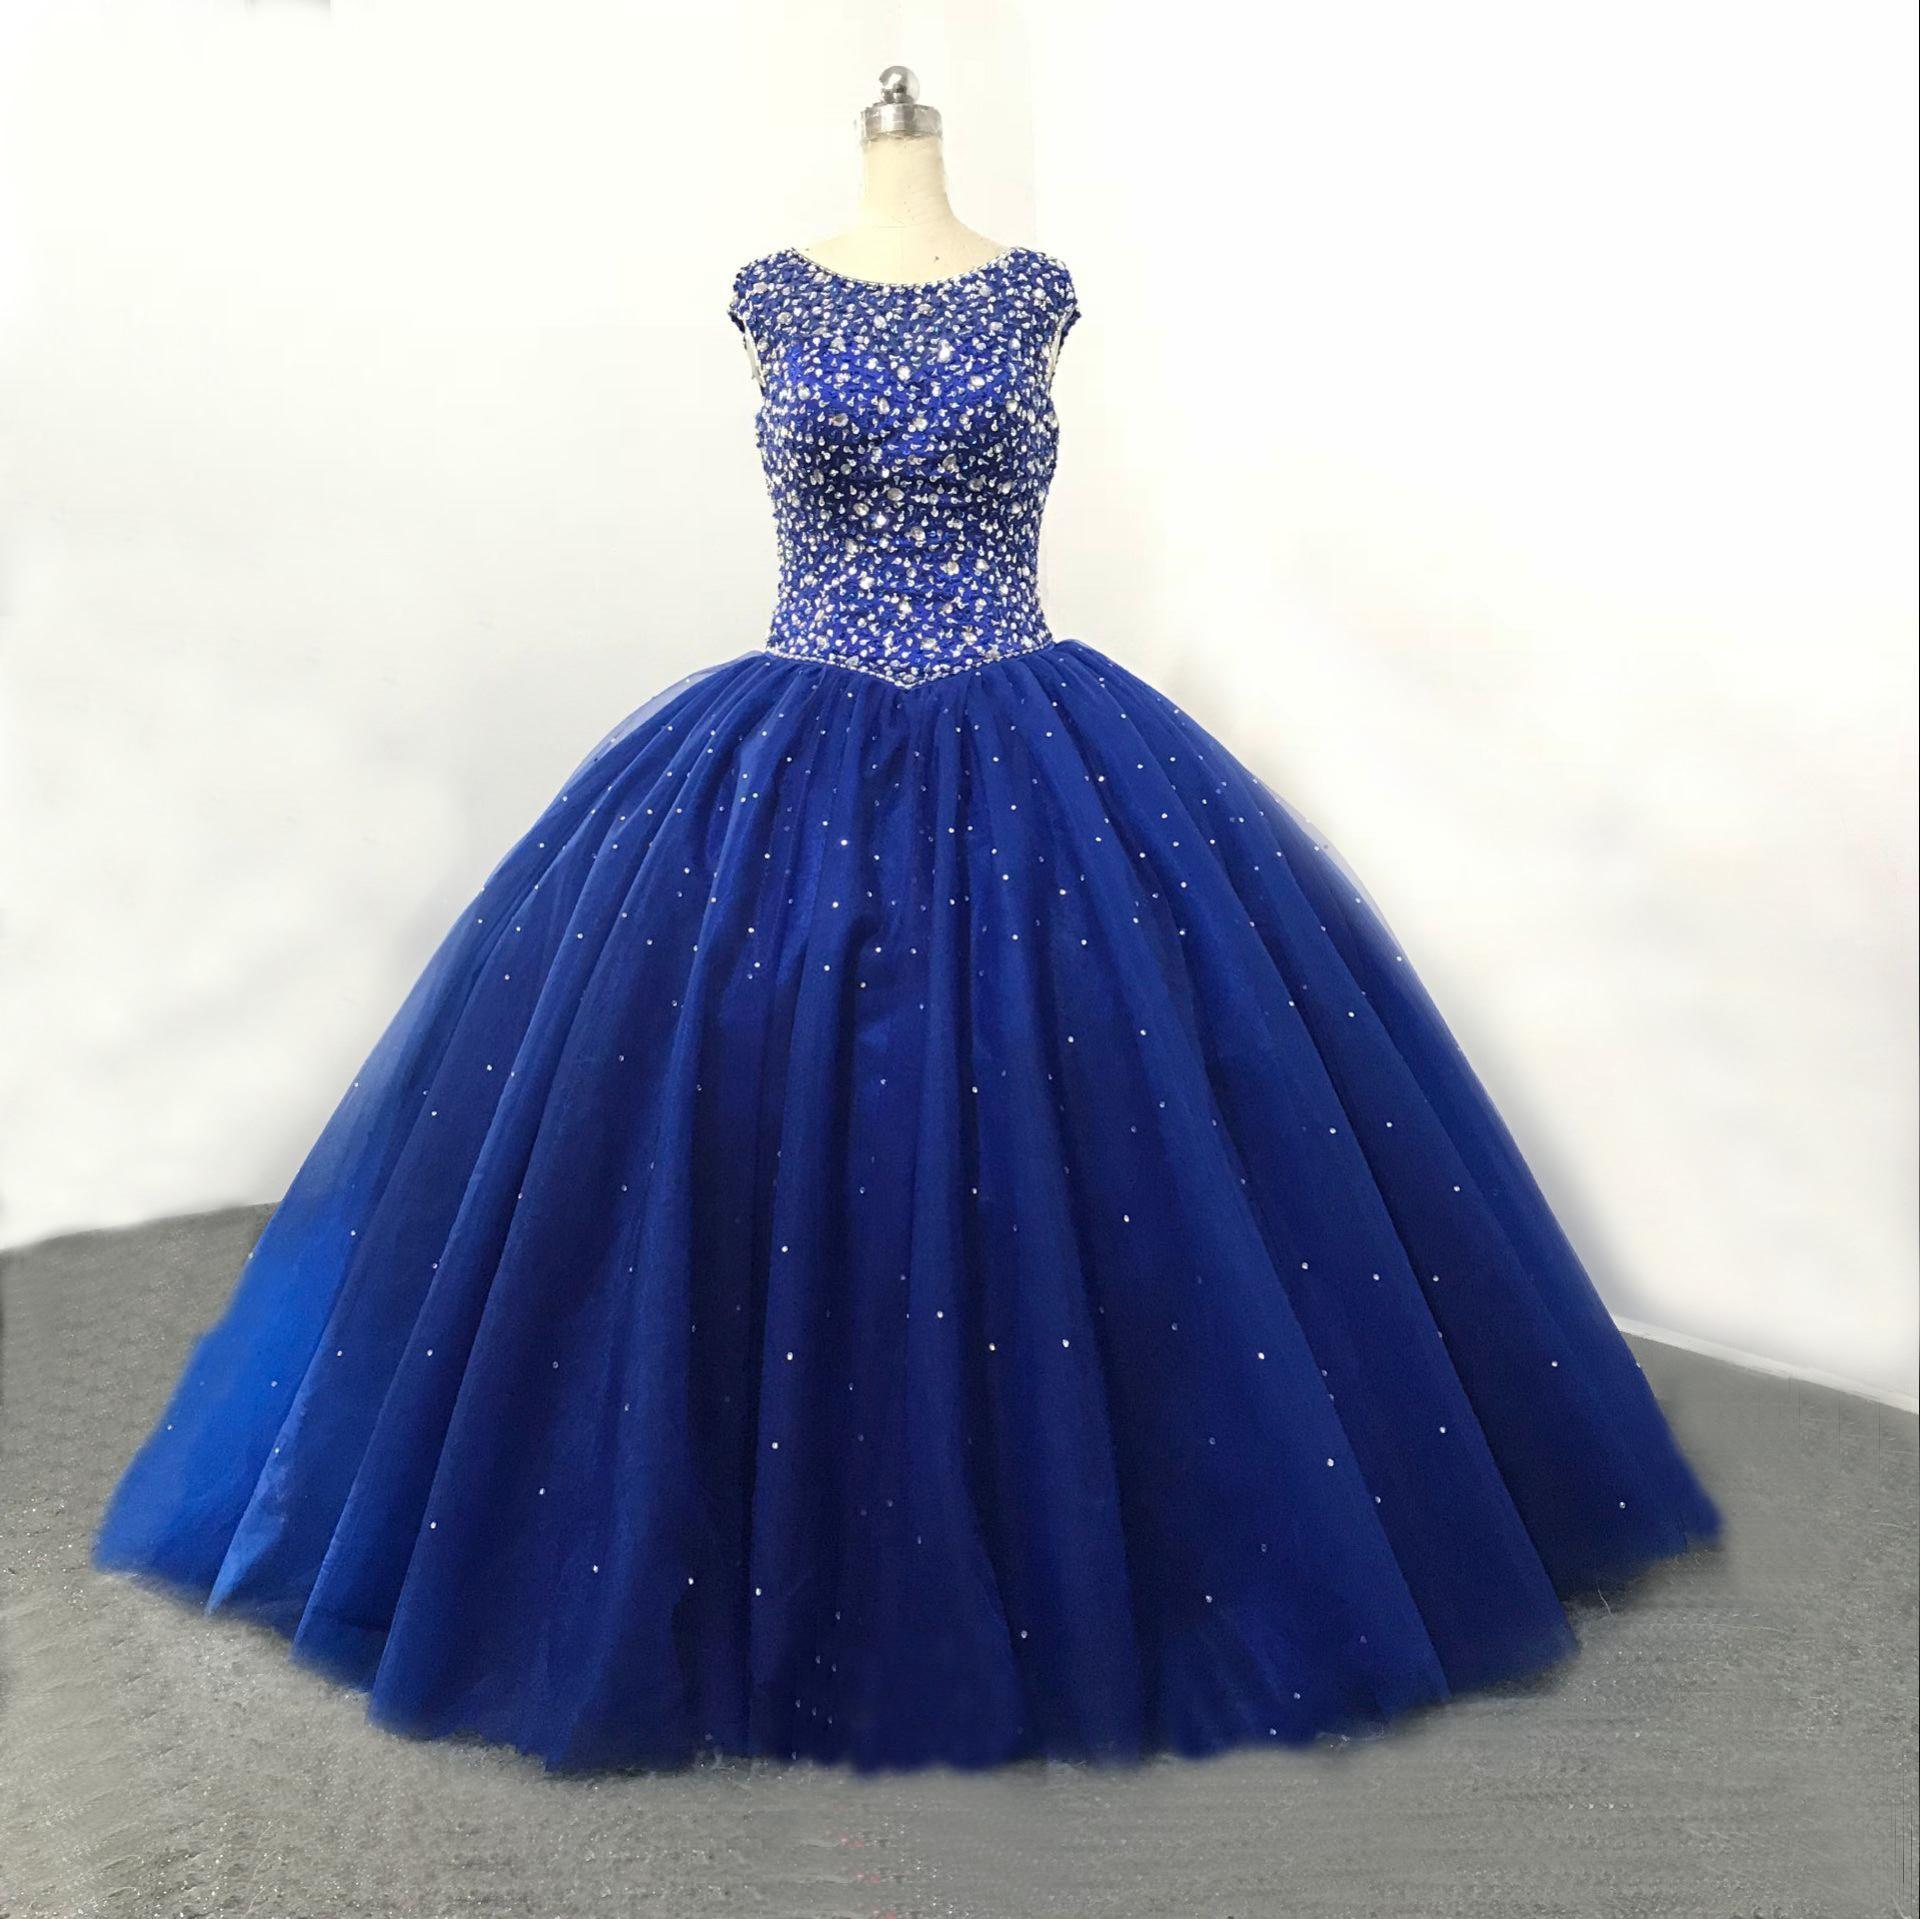 Tulle perlé fermeture éclair bleu Royal robe de bal perlé cristaux Swarovski col haut 2019 nouvelle mode Sexy Anke longueur